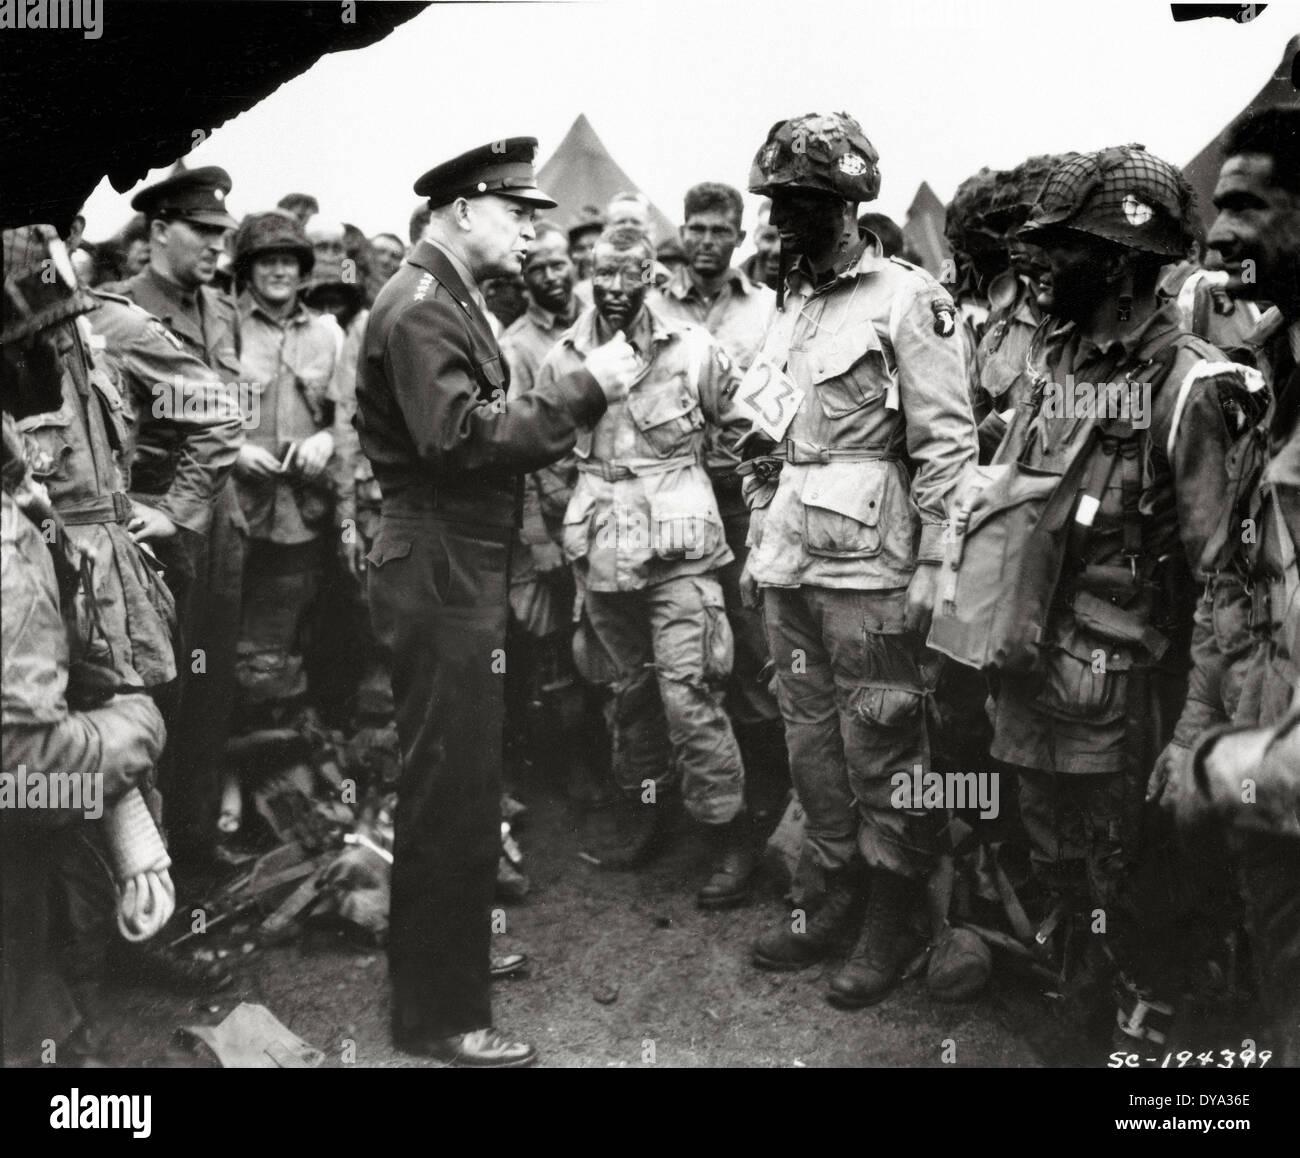 WW II guerra storica Guerra mondiale seconda guerra mondiale Operation Overlord Overlord invasione uomini Greenham Common airfield 1944 faccia bl Immagini Stock